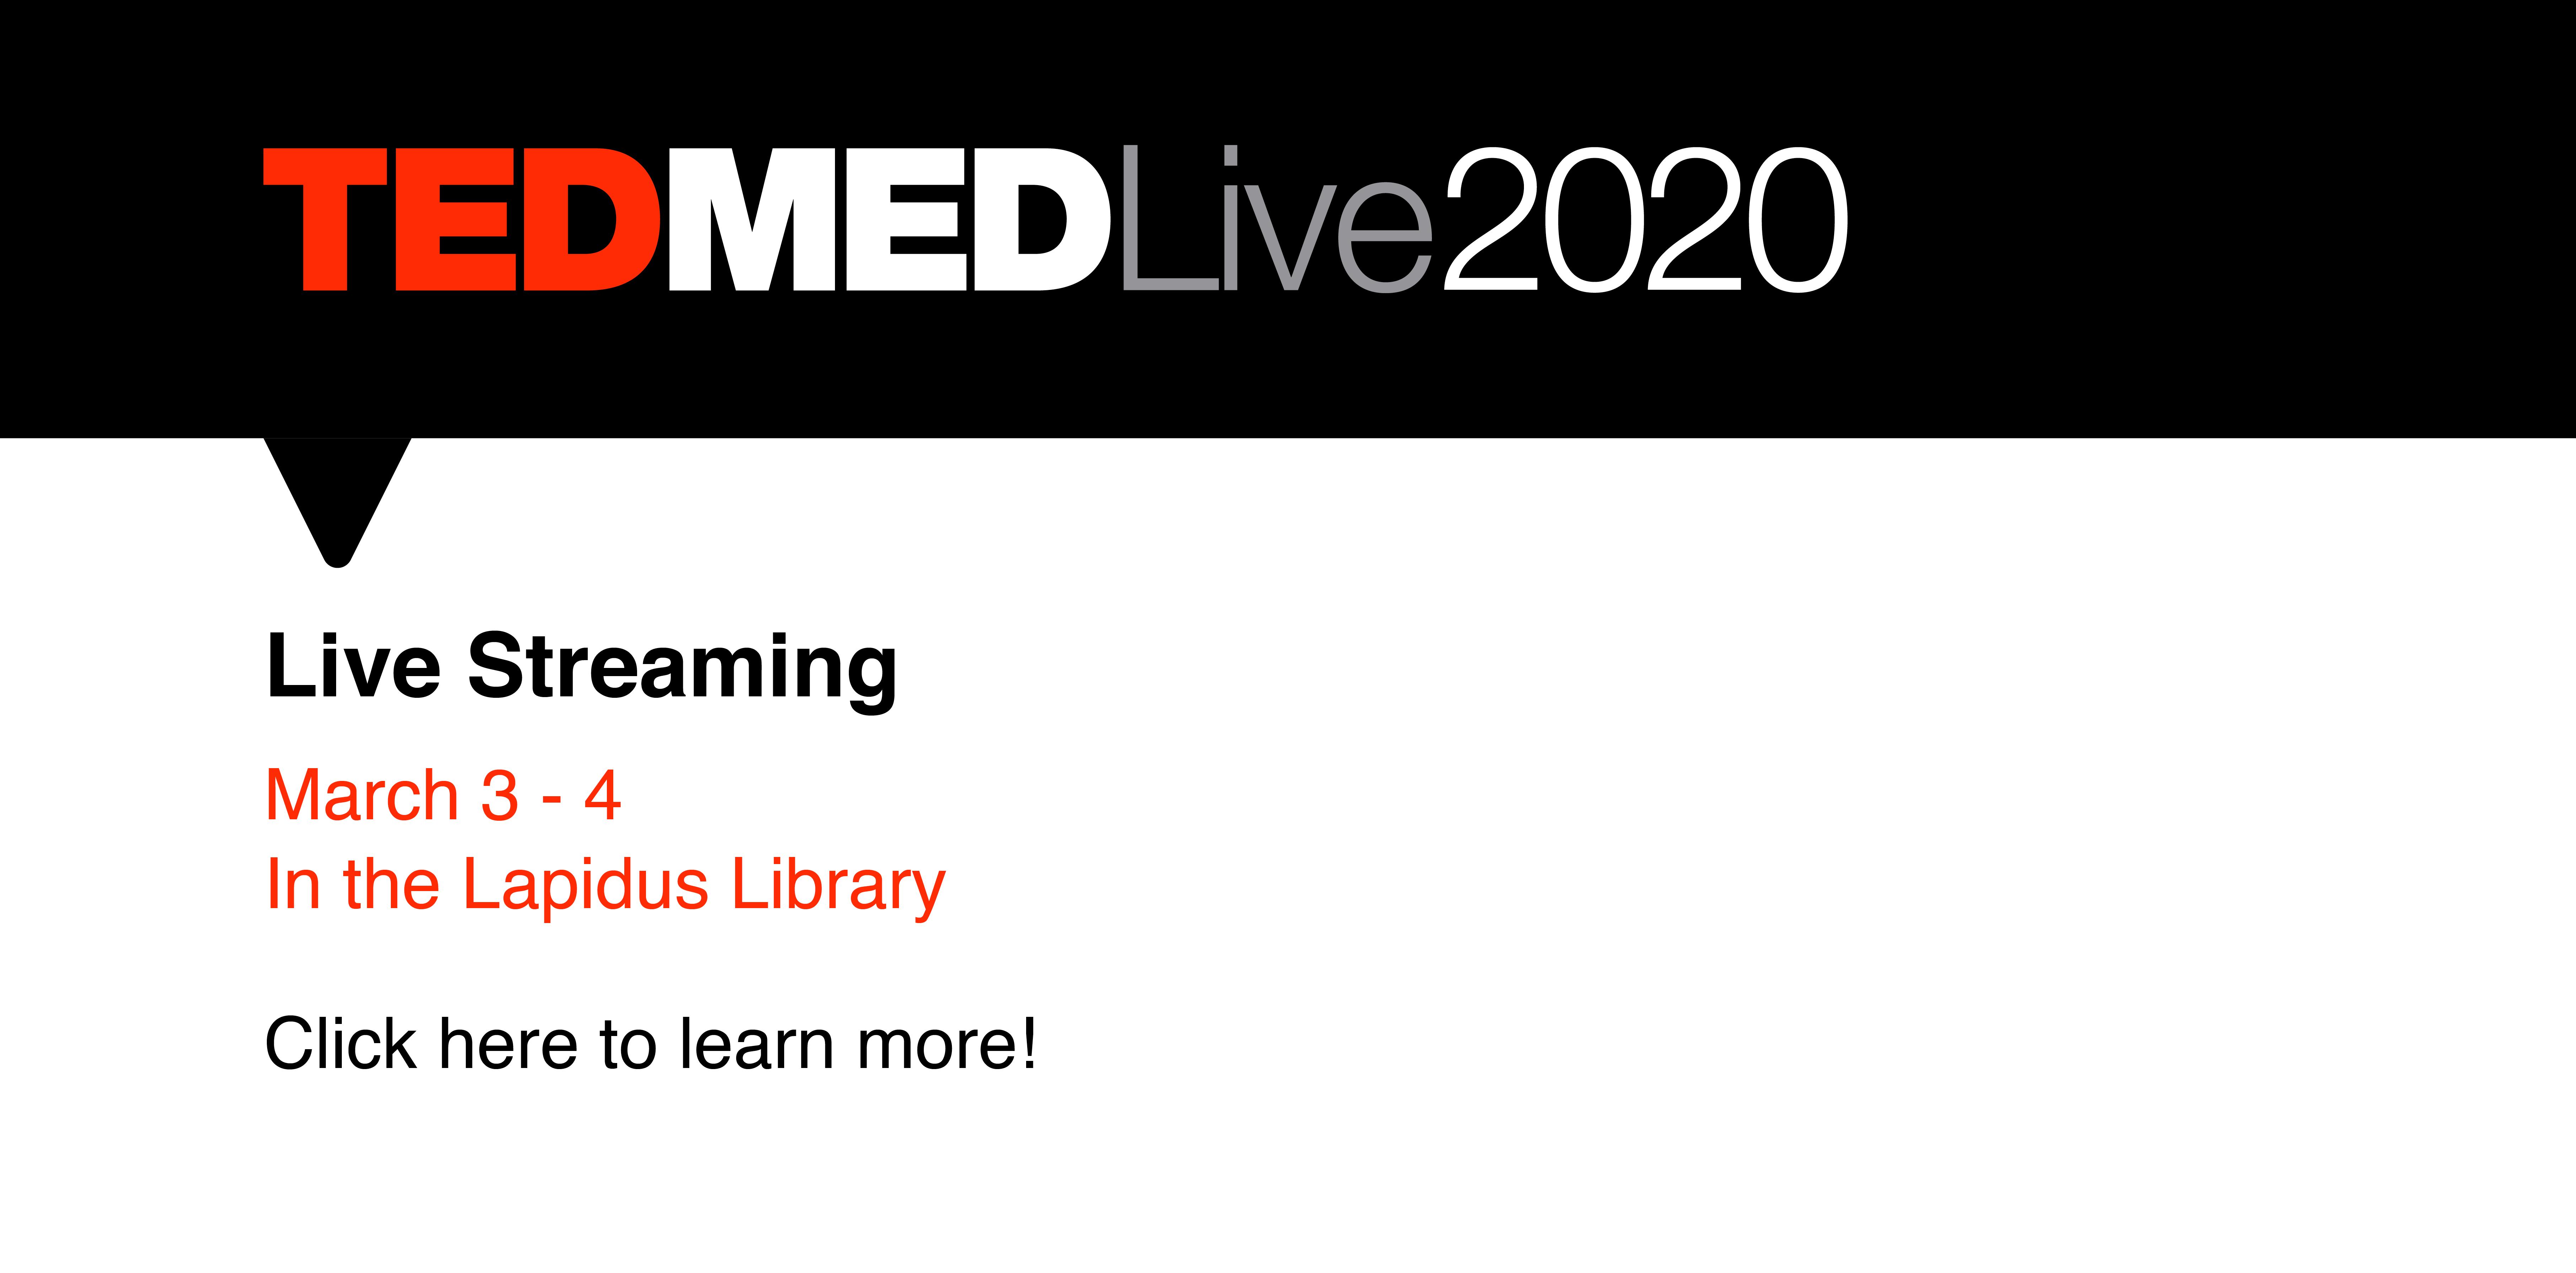 TedMed conference information